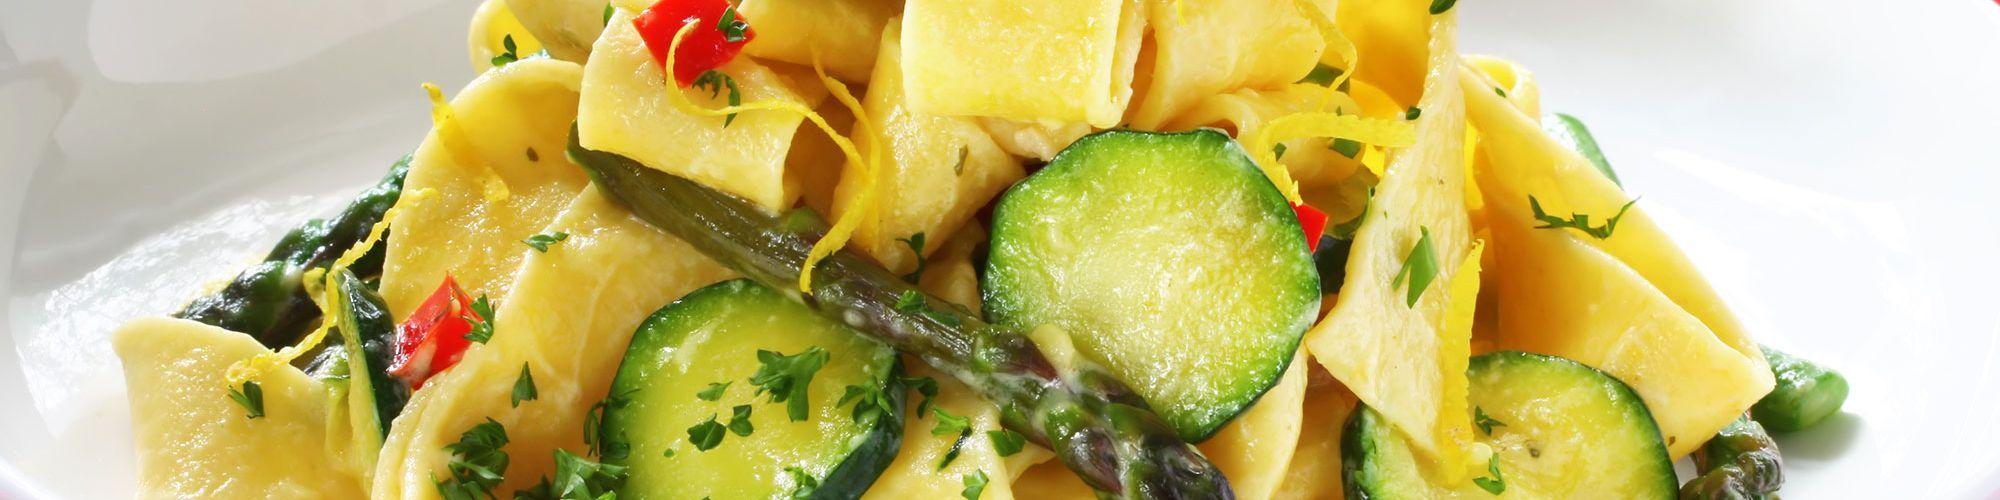 ricetta Pappardelle con zucchine, asparagi e peperoni con pasta fresca